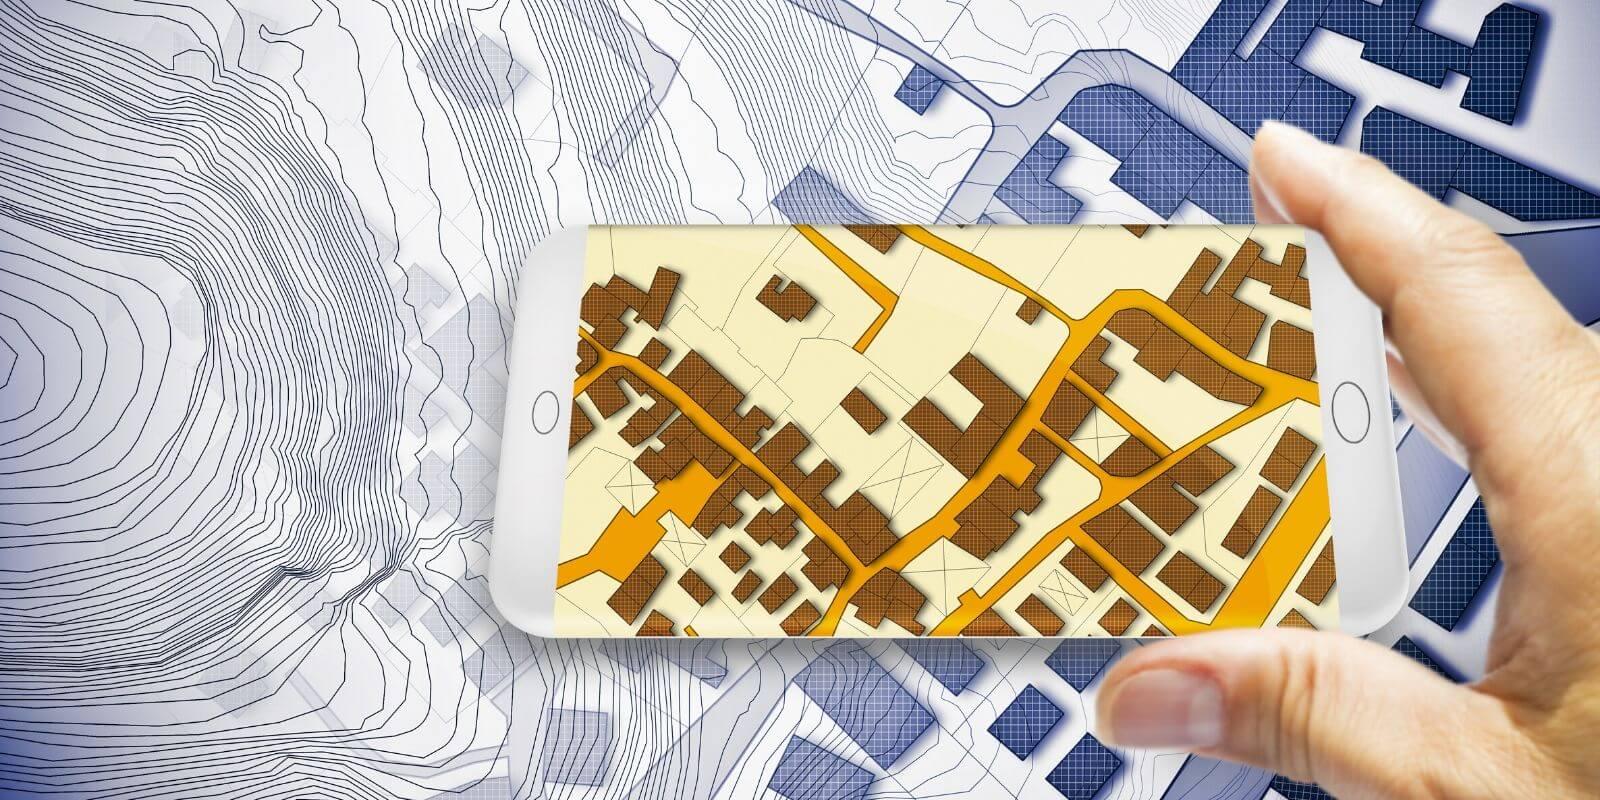 Numérisation de l'immobilier et blockchainisation des notaires - Cryptoast